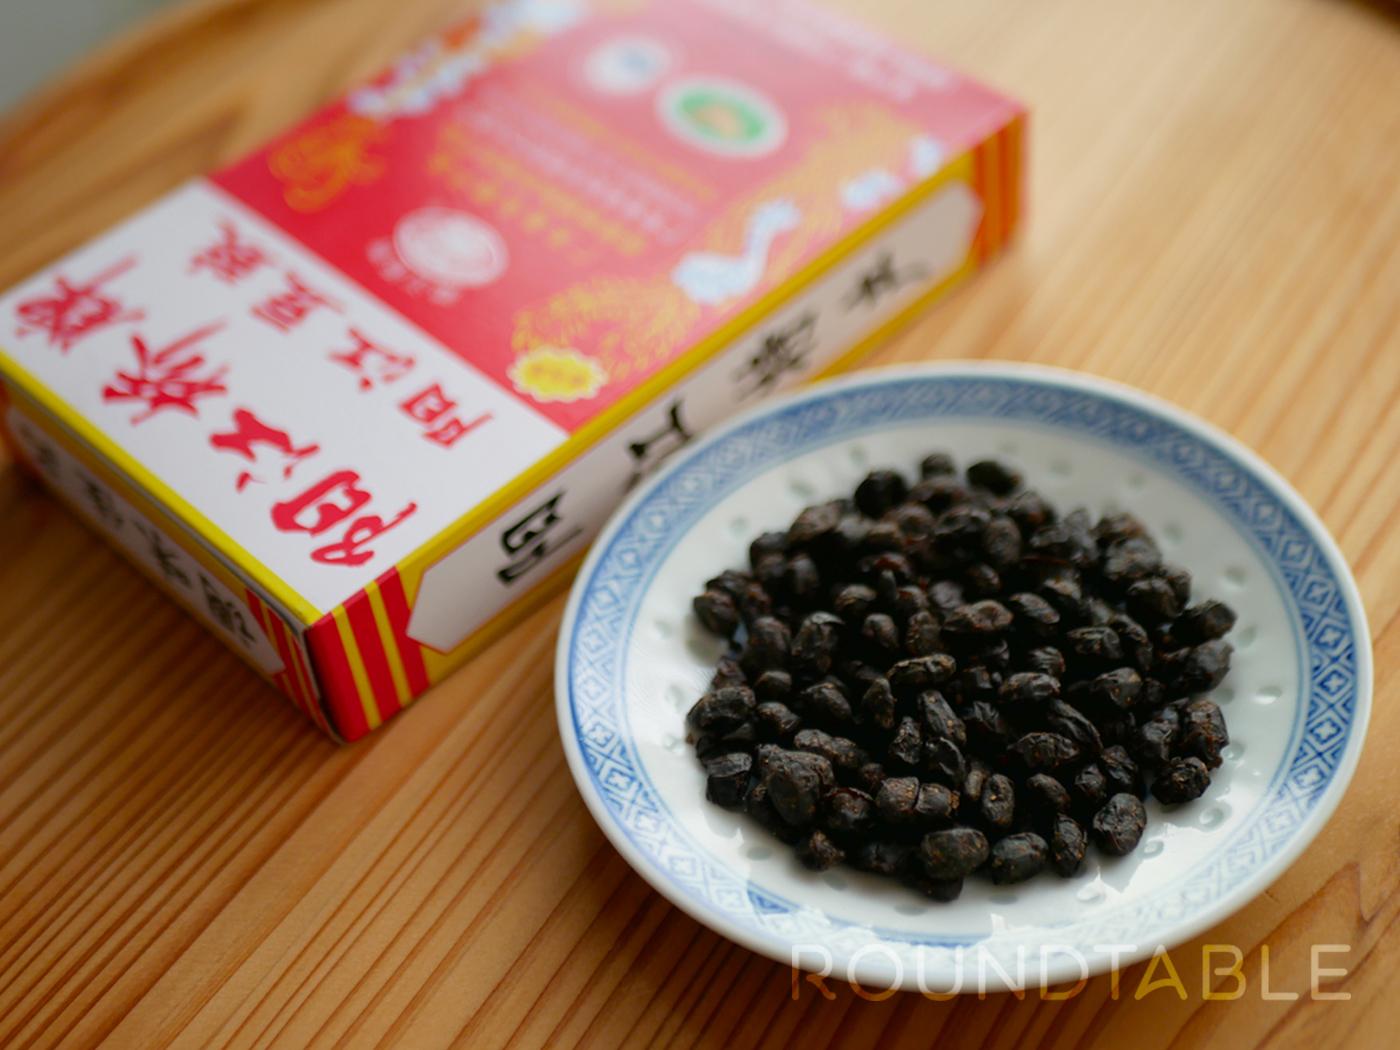 写真は広東省の陽光豆豉(阳光豆豉)。少々の酸味と、深いコクを感じさせる香り。四川省の永川豆豉は一般的にこれより大粒となる。